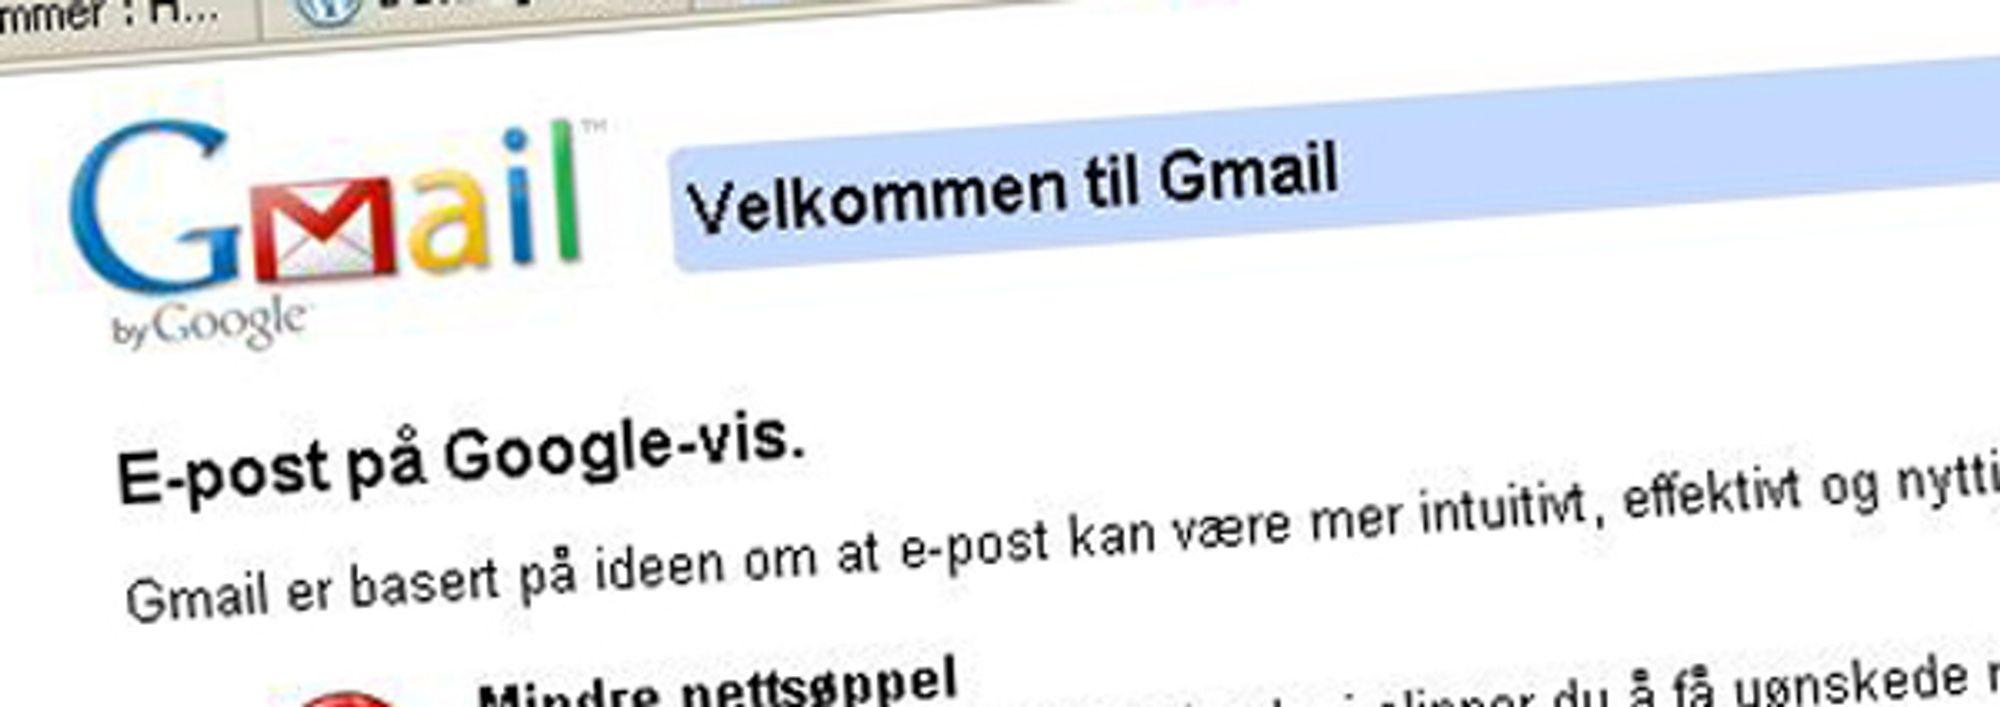 BLE HACKET: Google tar grep om sikkerheten til sin e-posttjeneste Gmail.